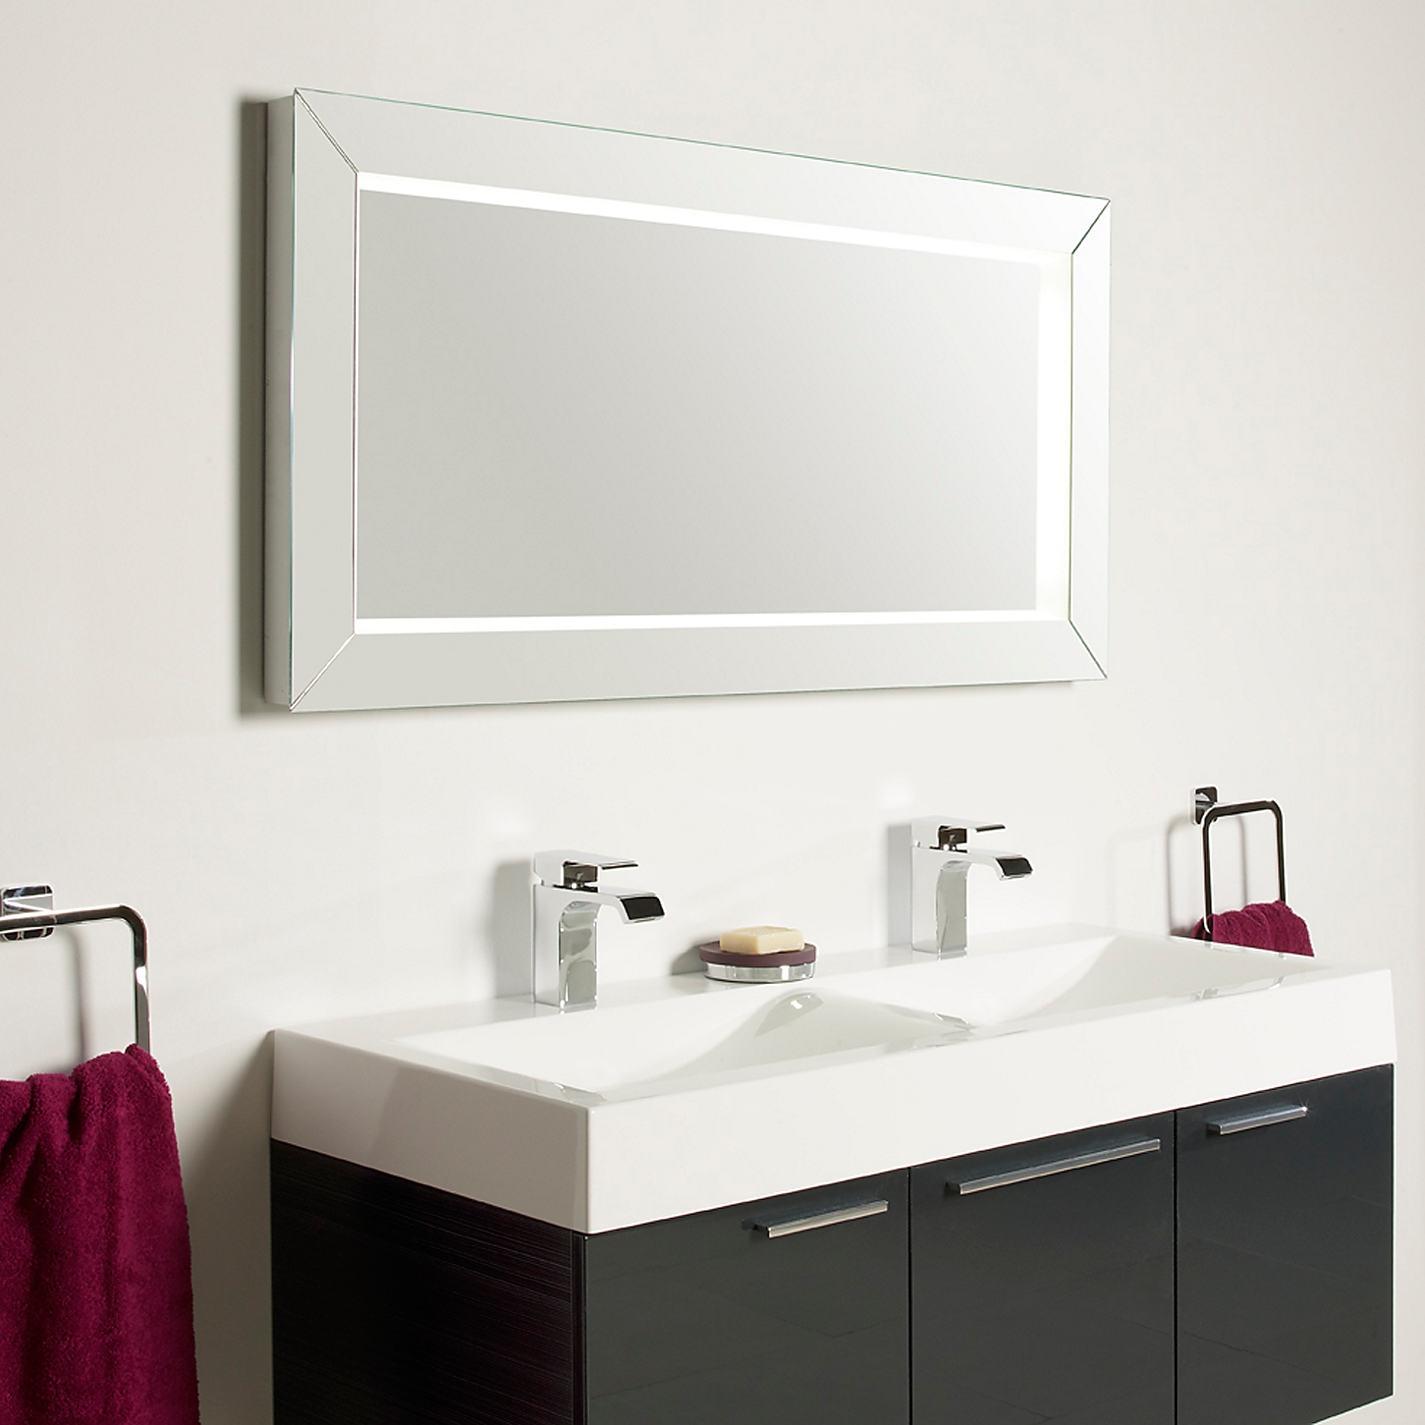 Illuminated Bathroom Mirrors John Lewis